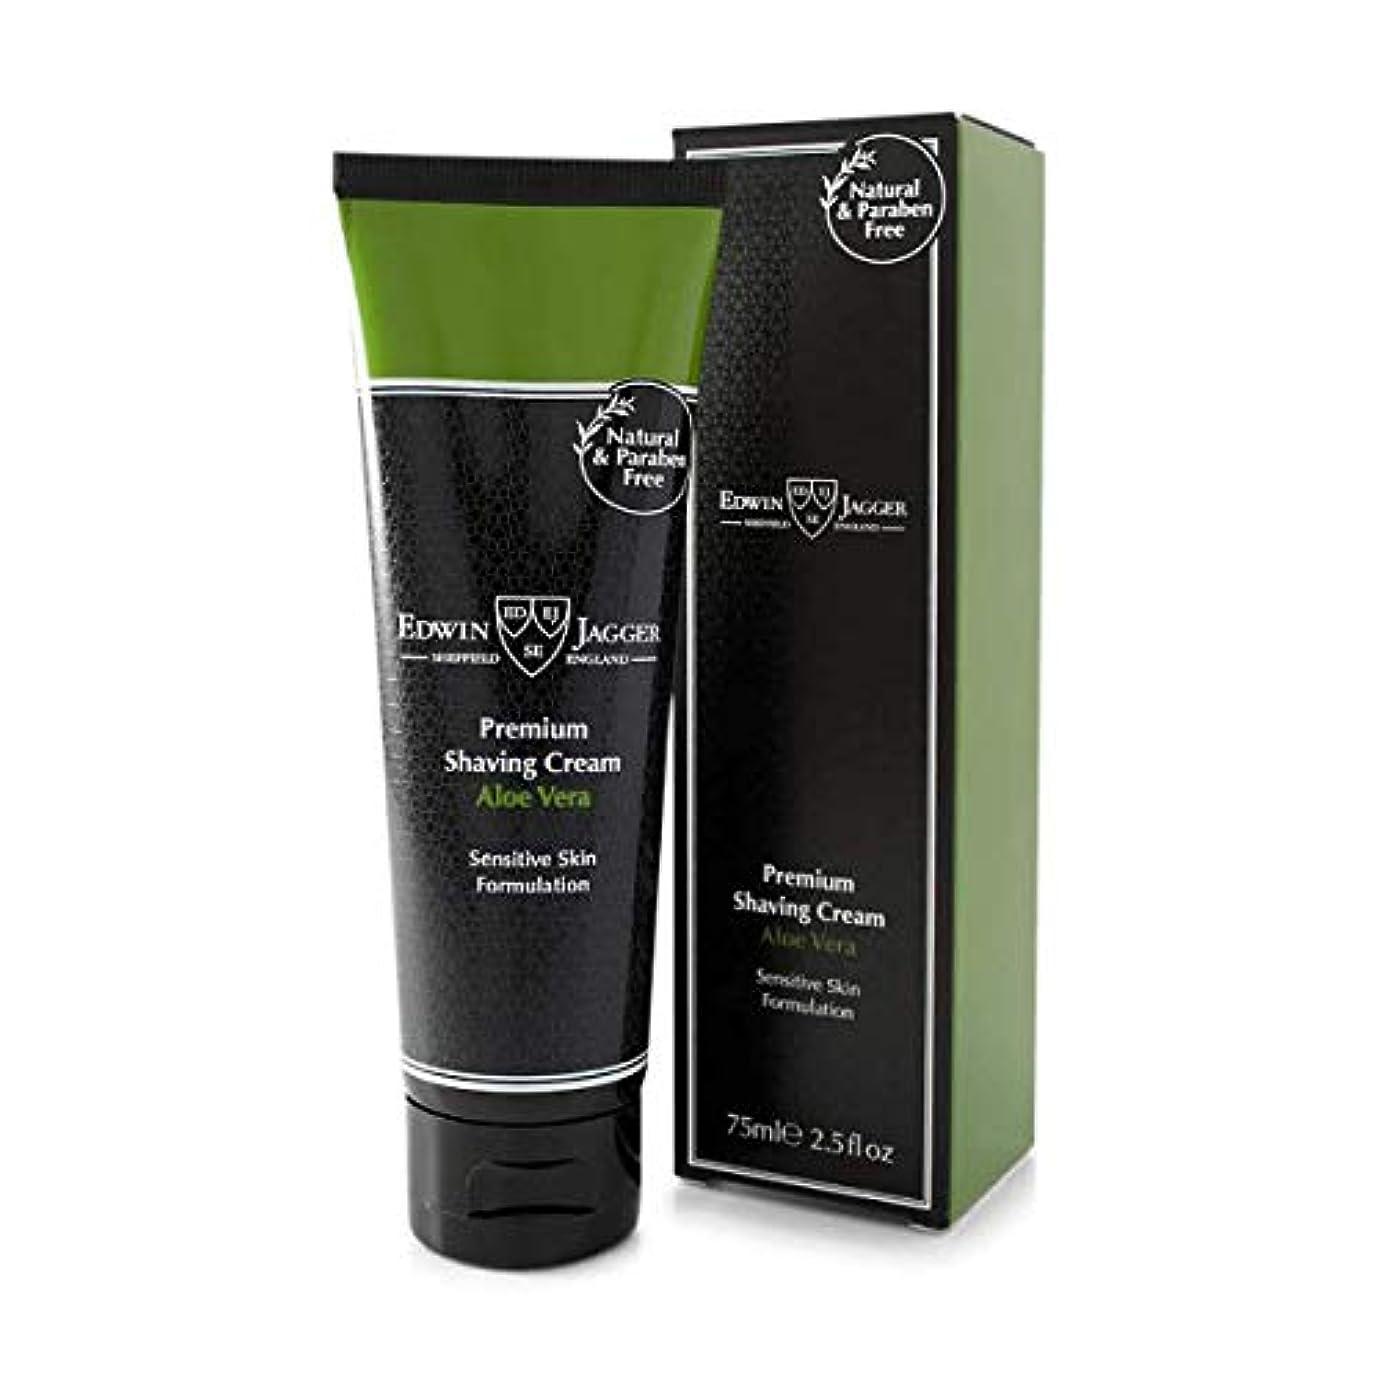 植物学者ソフィーズボンエドウィンジャガー プレミアム シェービング クリーム アロエベラ75ml[海外直送品]Edwin Jagger Premium Shaving Cream Aloe Vera 75ml [並行輸入品]